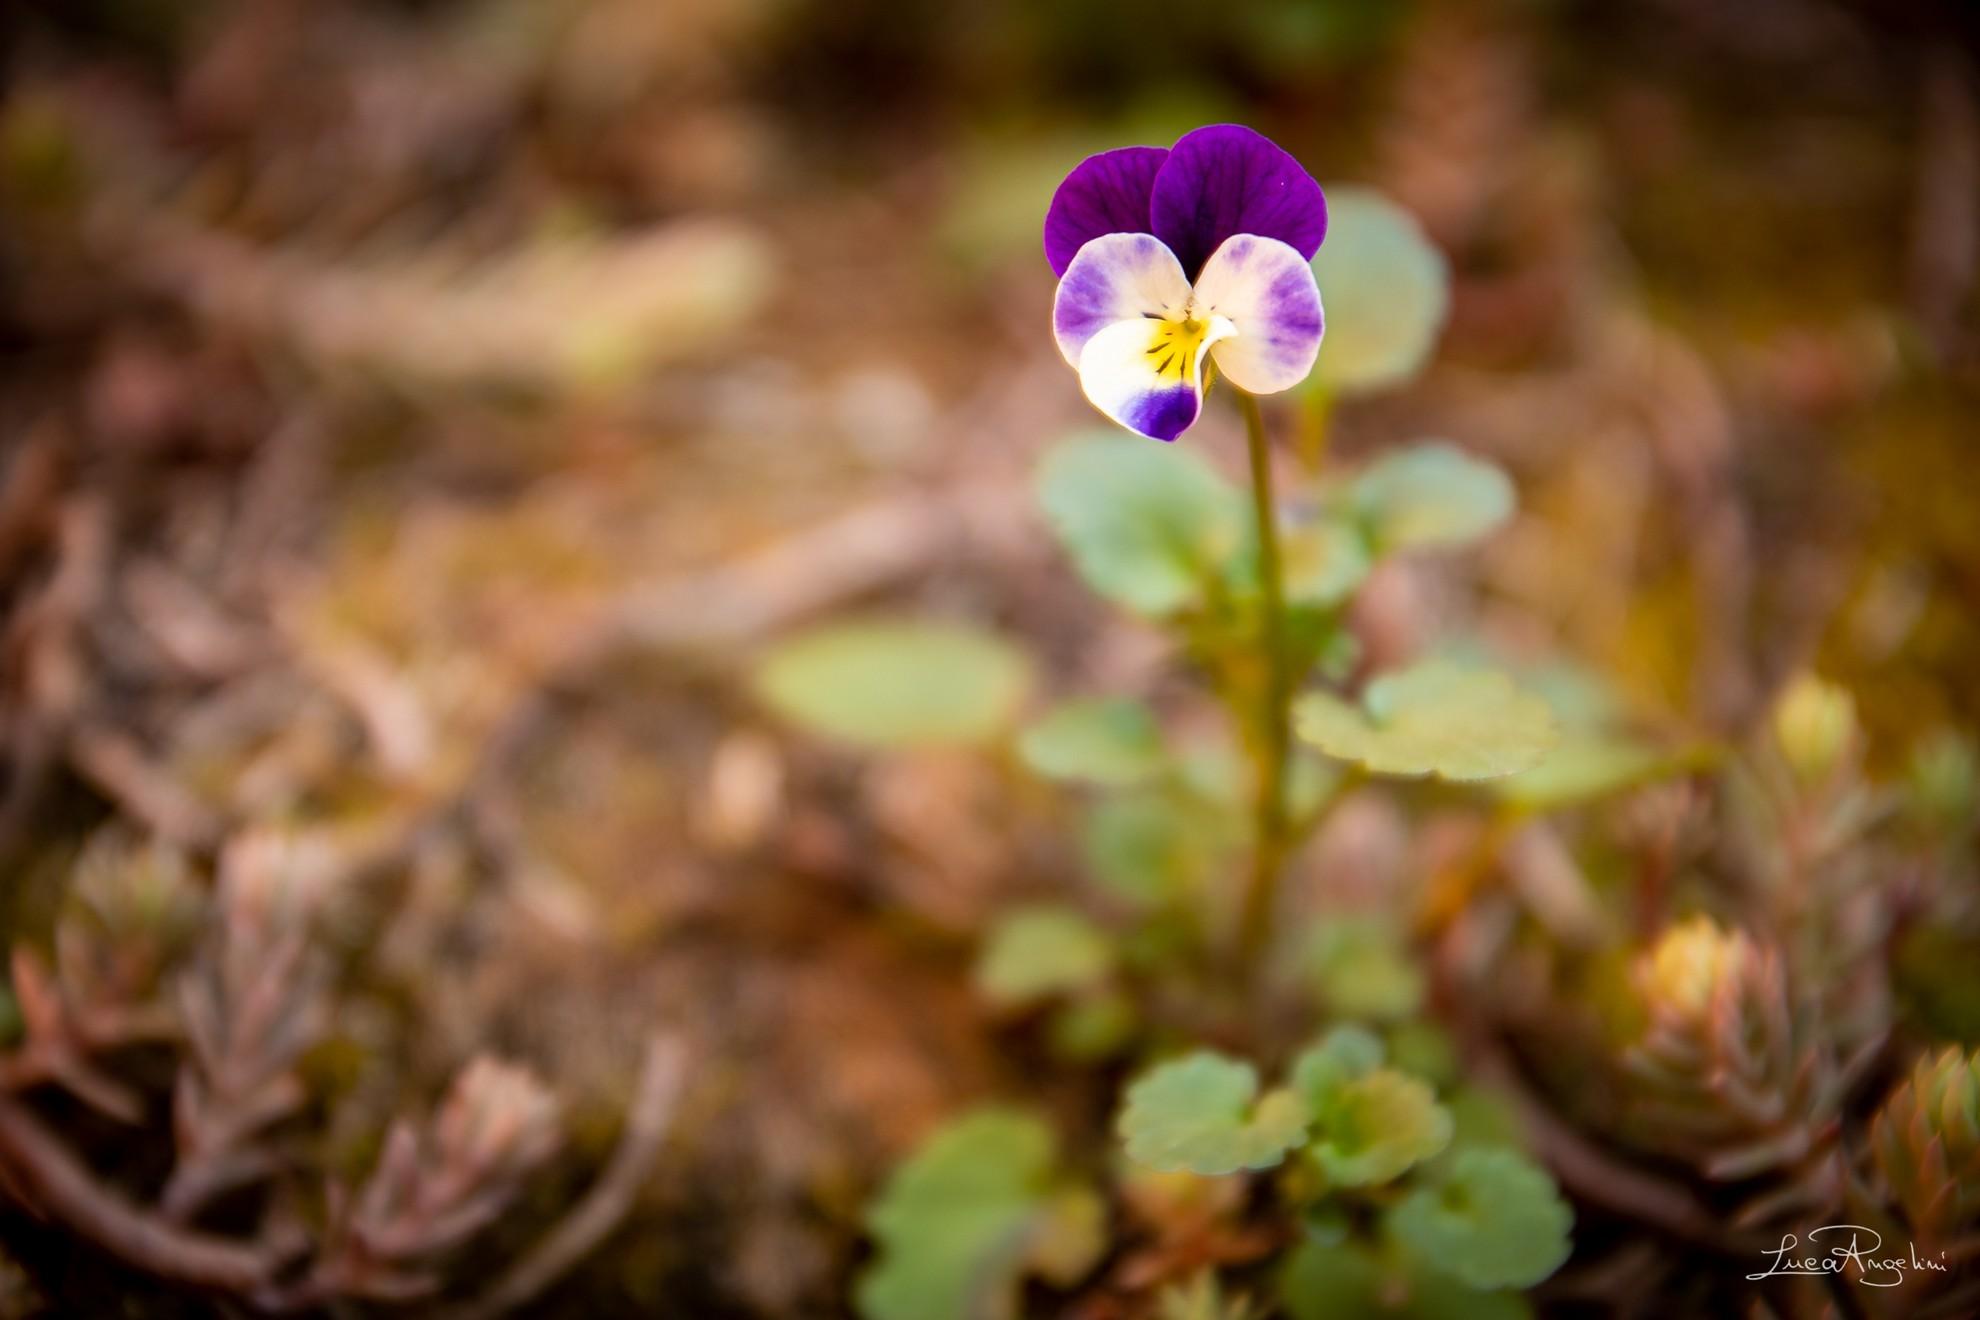 """- A MANO A MANO - RINO GAETANO """"... Ma dammi la mano e torna vicino può nascere un fiore nel nostro giardino che neanche l' inverno potrà mai gelare può crescere un fiore per questo mio amore per te..."""""""